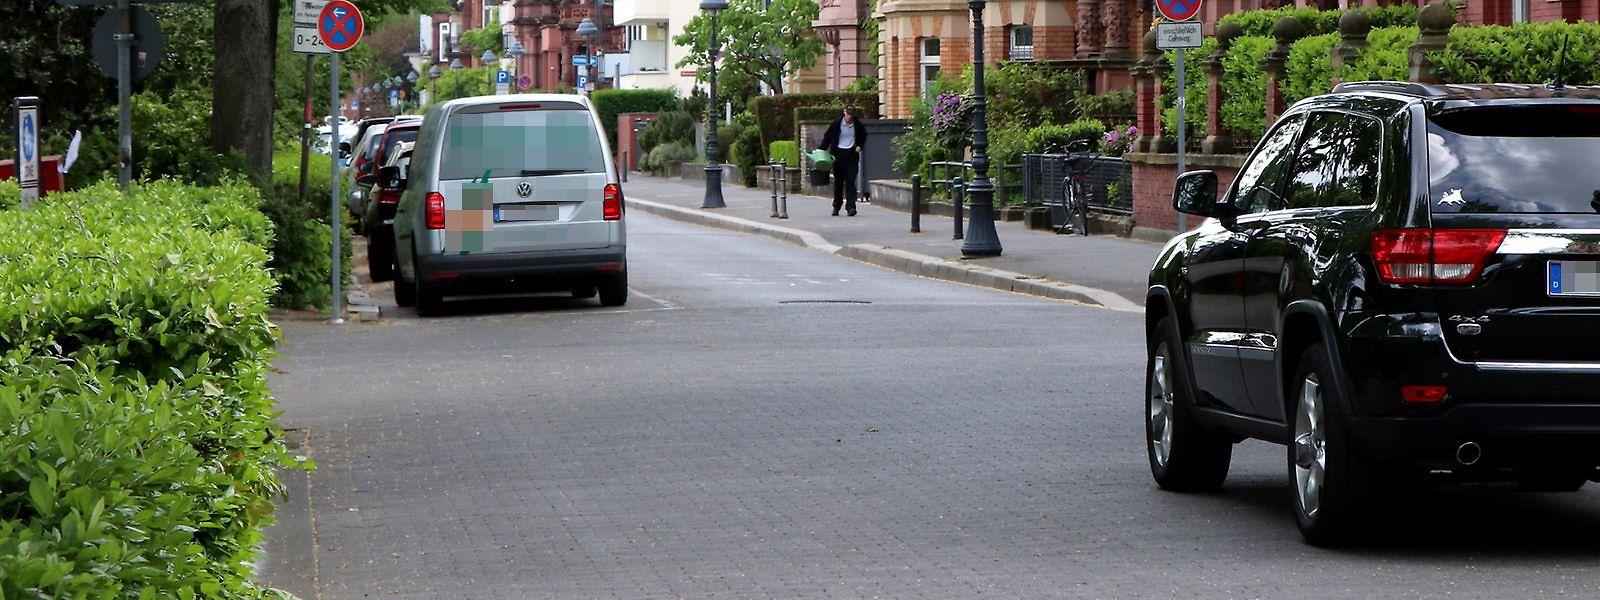 SUVs dürften angeblich nicht mehr in die Trierer Innenstadt, so der gefälschte Brief.